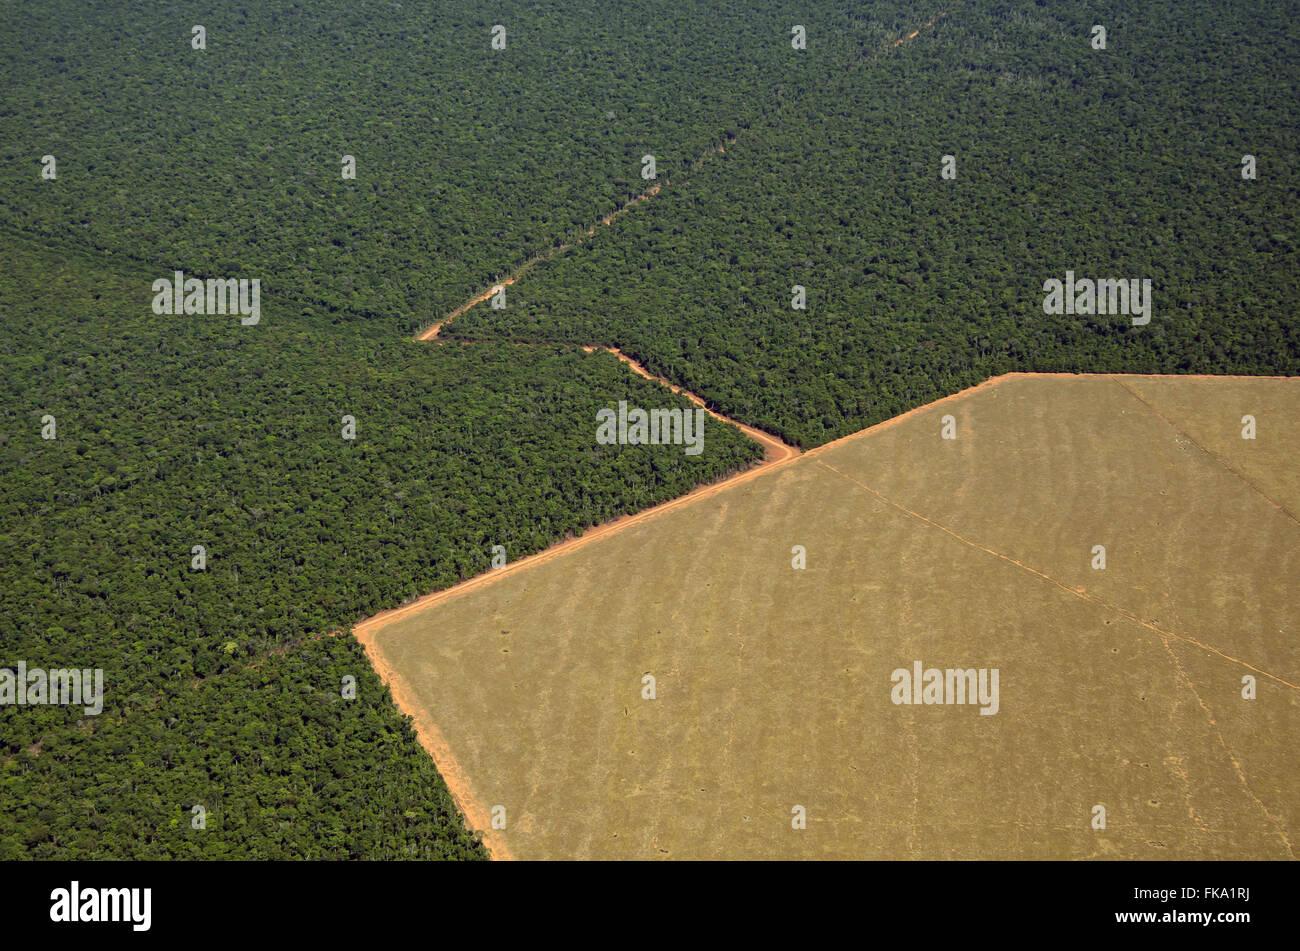 Vue aérienne de la zone préservée et zone déboisée pour limiter l'agriculture dans le milieu de la Savana Banque D'Images